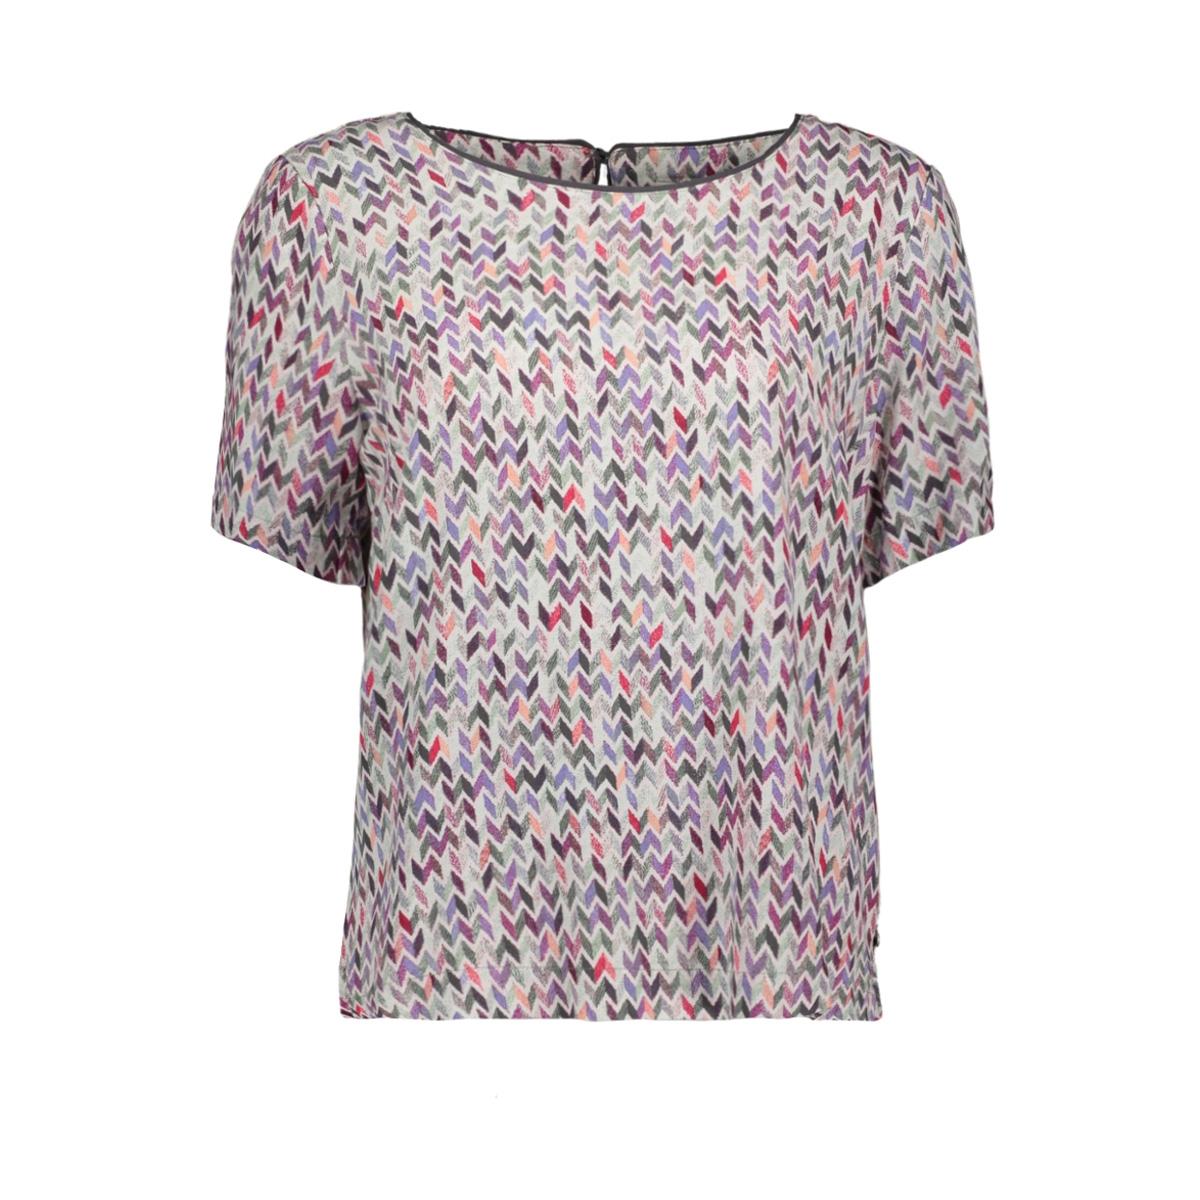 top met multi coloured zigzag motief 22001718 sandwich t-shirt 50040